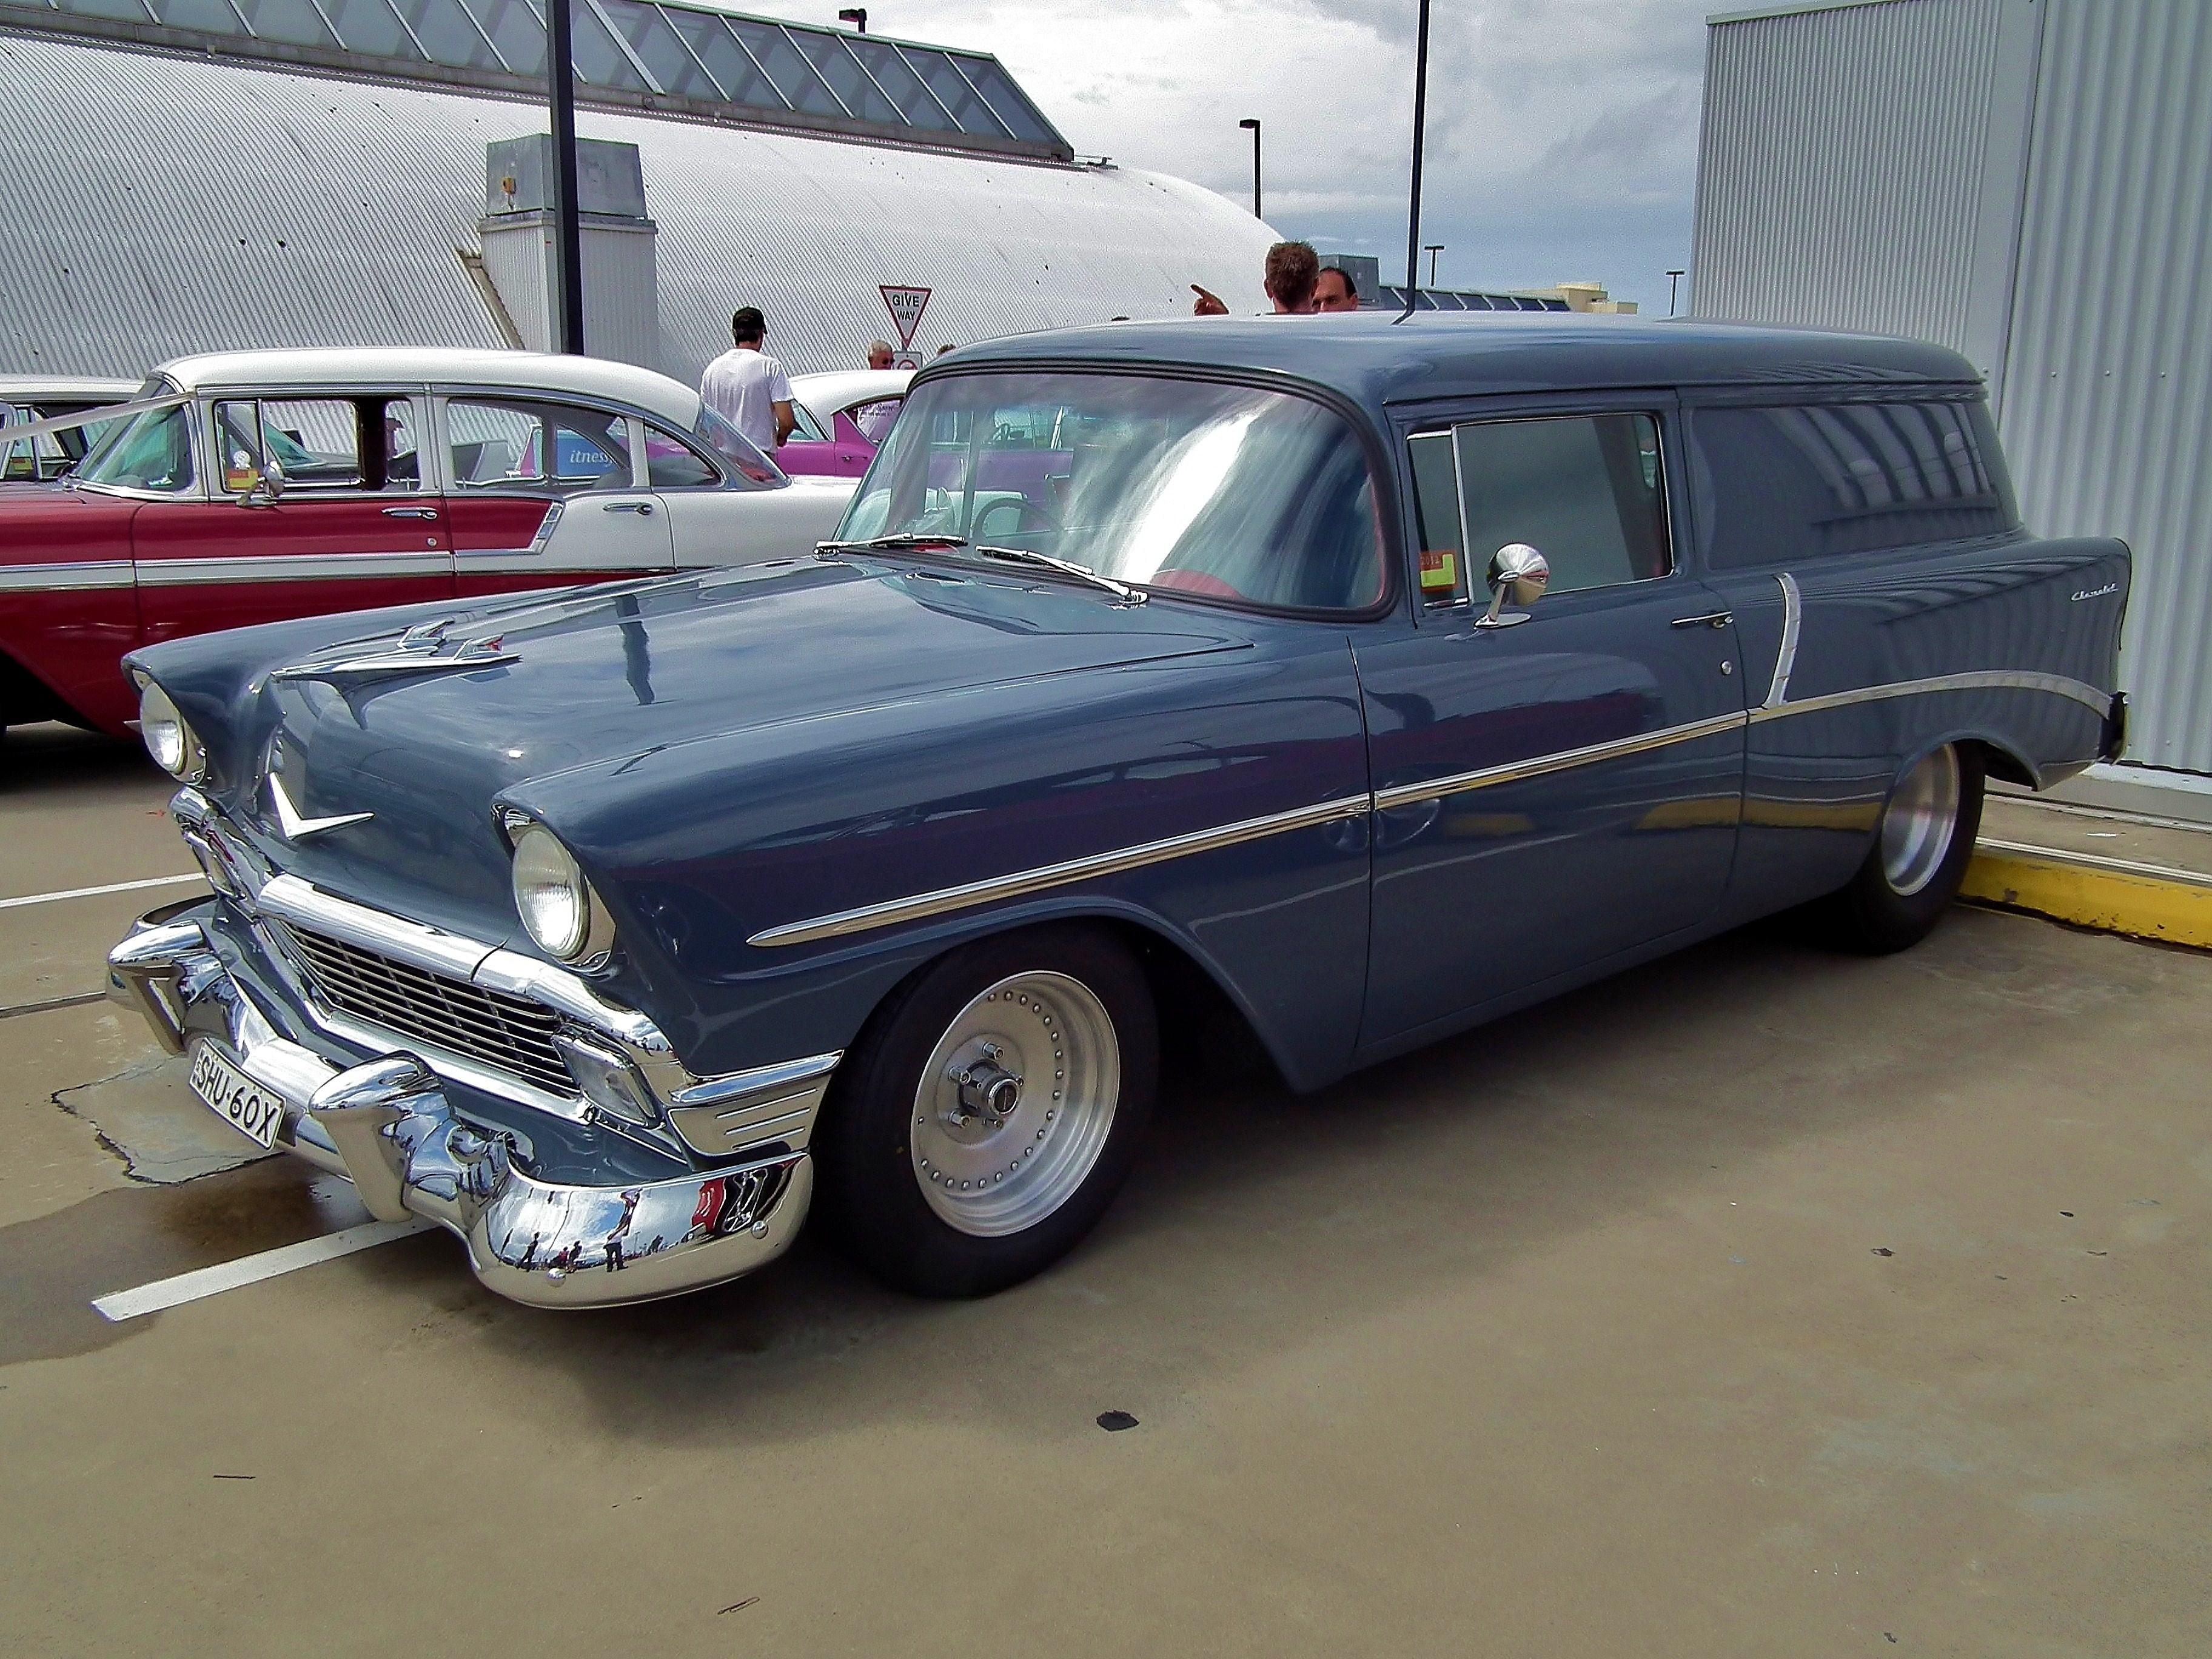 File:1956 Chevrolet sedan delivery (6713004231) jpg